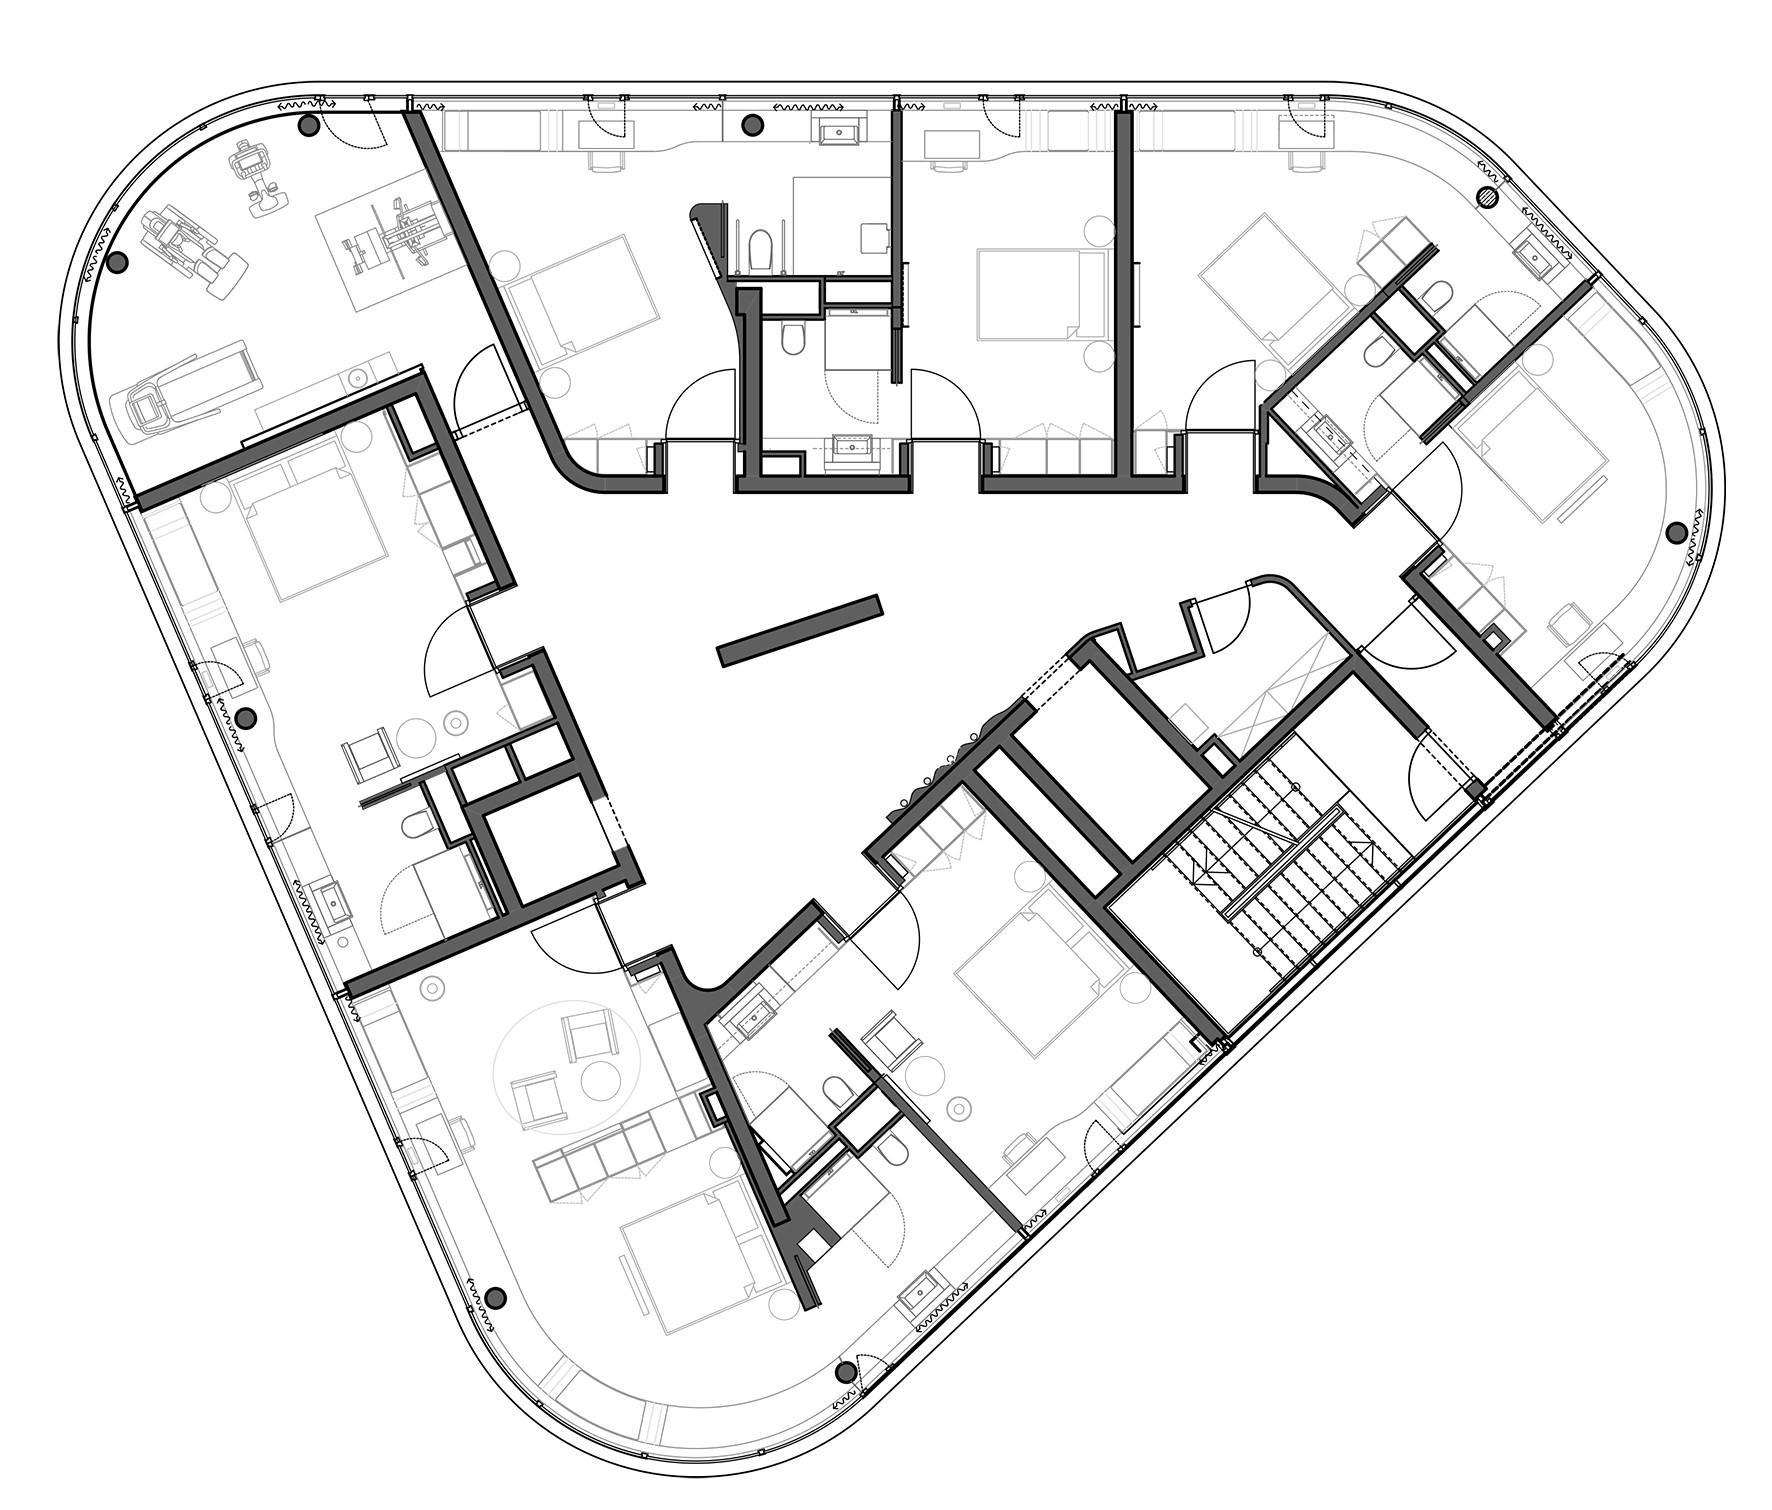 Gallery of izb residence stark architekten 26 for X2 residency floor plan